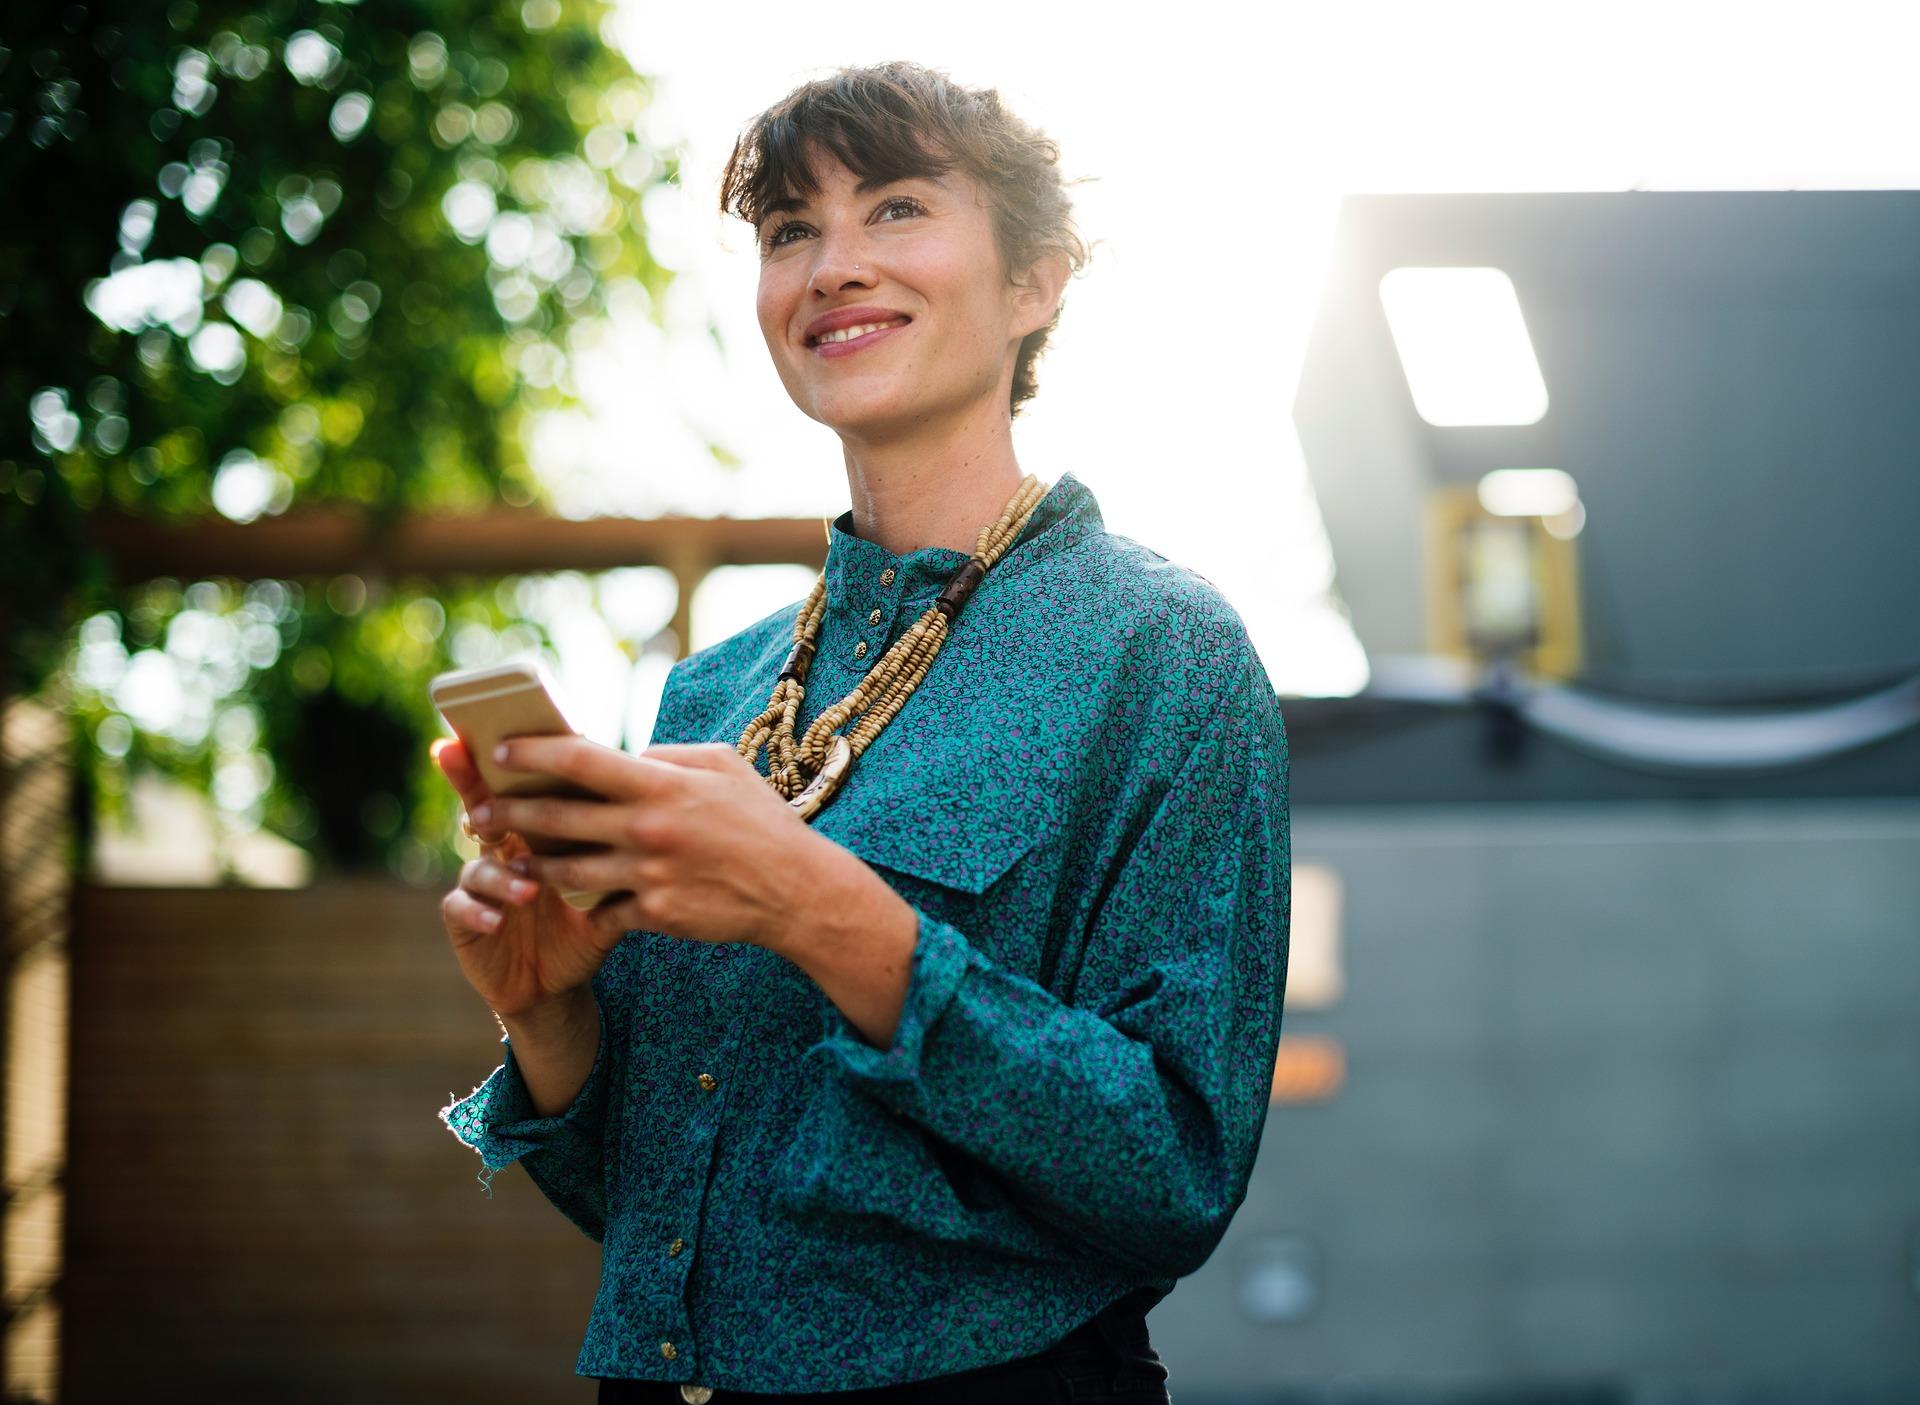 Menneske kvinde smil glad sms'er